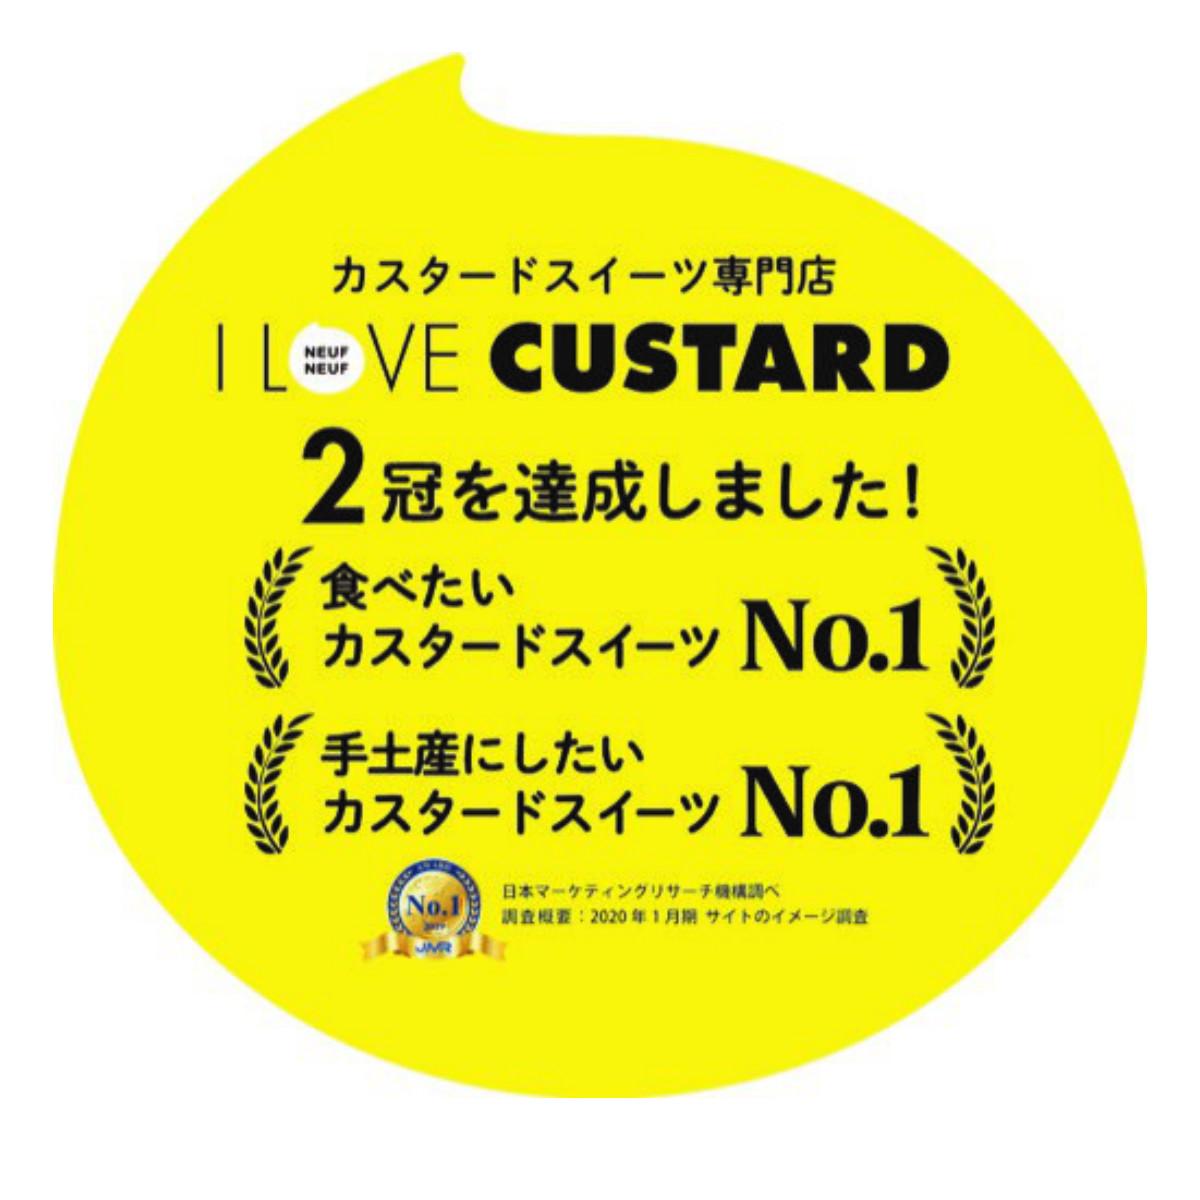 ココアカスタードクッキー10枚入り(福岡便)